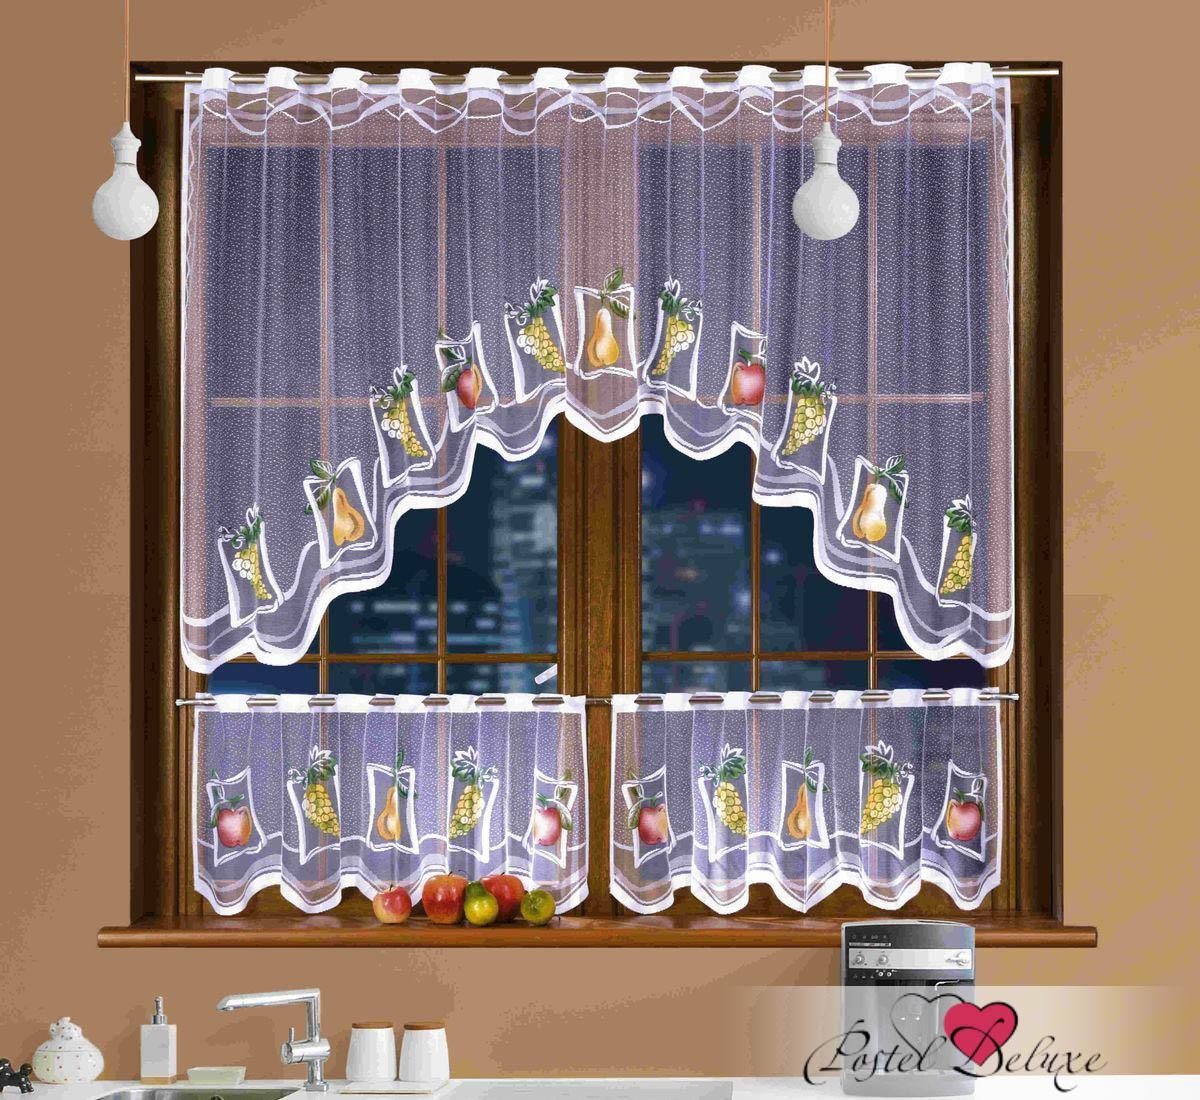 Шторы кафе WisanШторы<br>ВНИМАНИЕ! Комплектация штор может отличаться от представленной на фотографии. Фактическая комплектация указана в описании изделия.<br><br>Производитель: Wisan<br>Cтрана производства: Польша<br>Шторы кафе<br>Материал гардины: Тюль<br>Размер гардины: 240х150 см (1 шт.)<br>Вид крепления: Зажимы<br>Рекомендуемая ширина карниза (см): 100-160<br><br>Заказывая шторы нужно помнить, что полотно портьеры (2 шт. для 1 окна) и гардины (1 шт на окно) не вешается «в натяжку». Исключение составляют римские и японские шторы. Все остальные модели предусматривают образование складок, а для этого ширина шторы должно быть больше длины карниза (как правило в 1.5-2.5 раза). Чем больше соотношение тем гуще складки, коэффициент 1.5 считается минимально допустимой сборкой, в то время как 2.5 сборка с густыми складками. Размер карниза указанный в описании предполагает, что вы будете использовать 1 гардину на 1 окно. Ели вы собираетесь использовать к примеру 2 гардины на 1 окно, то размер карниза должен быть в 2 раза больше, чем указано.<br><br>Тип: шторы кафе<br>Размерность комплекта: кафе<br>Материал: Тюль<br>Размер наволочки: None<br>Подарочная упаковка: кафе<br>Для детей: нет кафе<br>Ткань: Тюль<br>Цвет: Белый